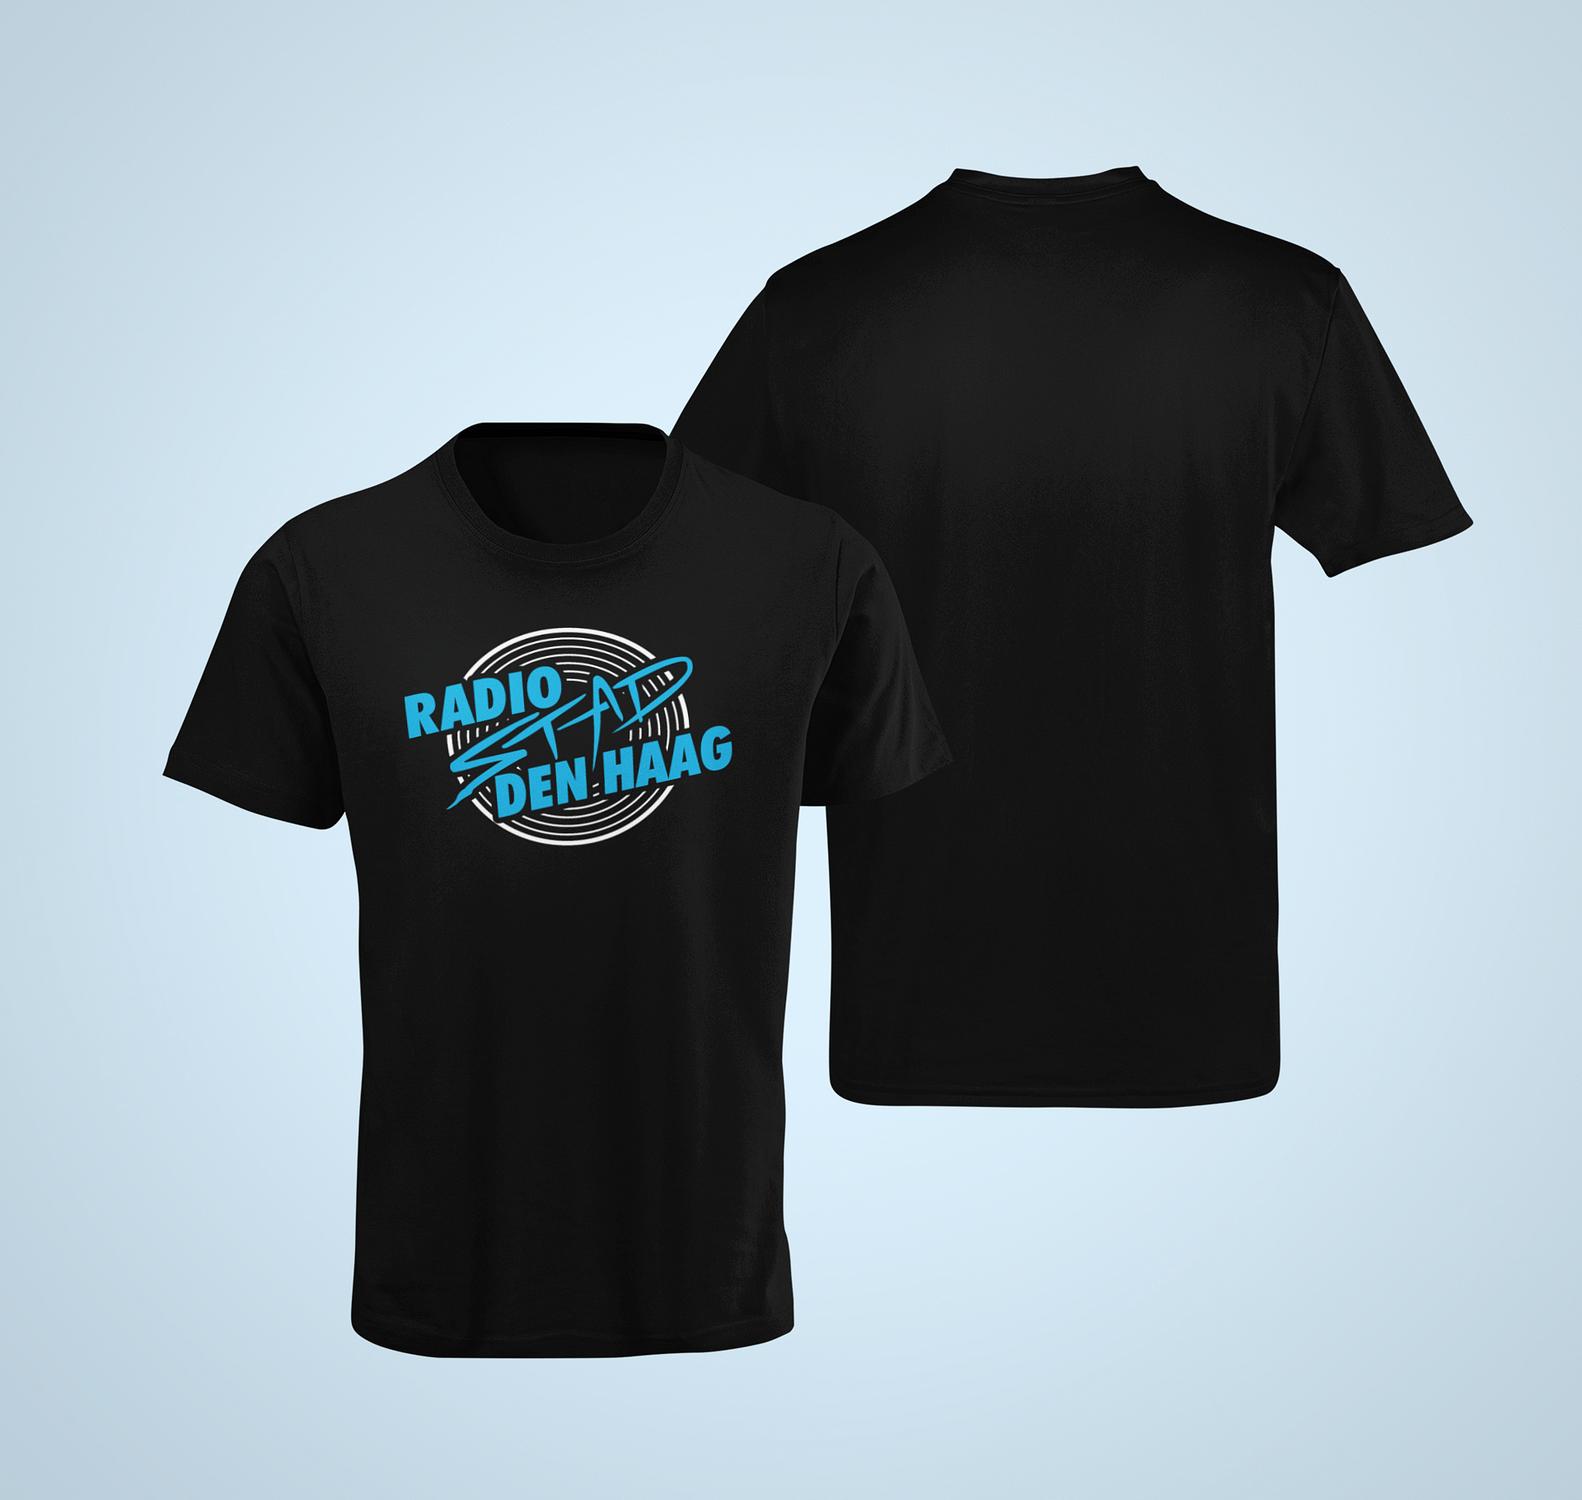 RSD-record-t-shirt-2